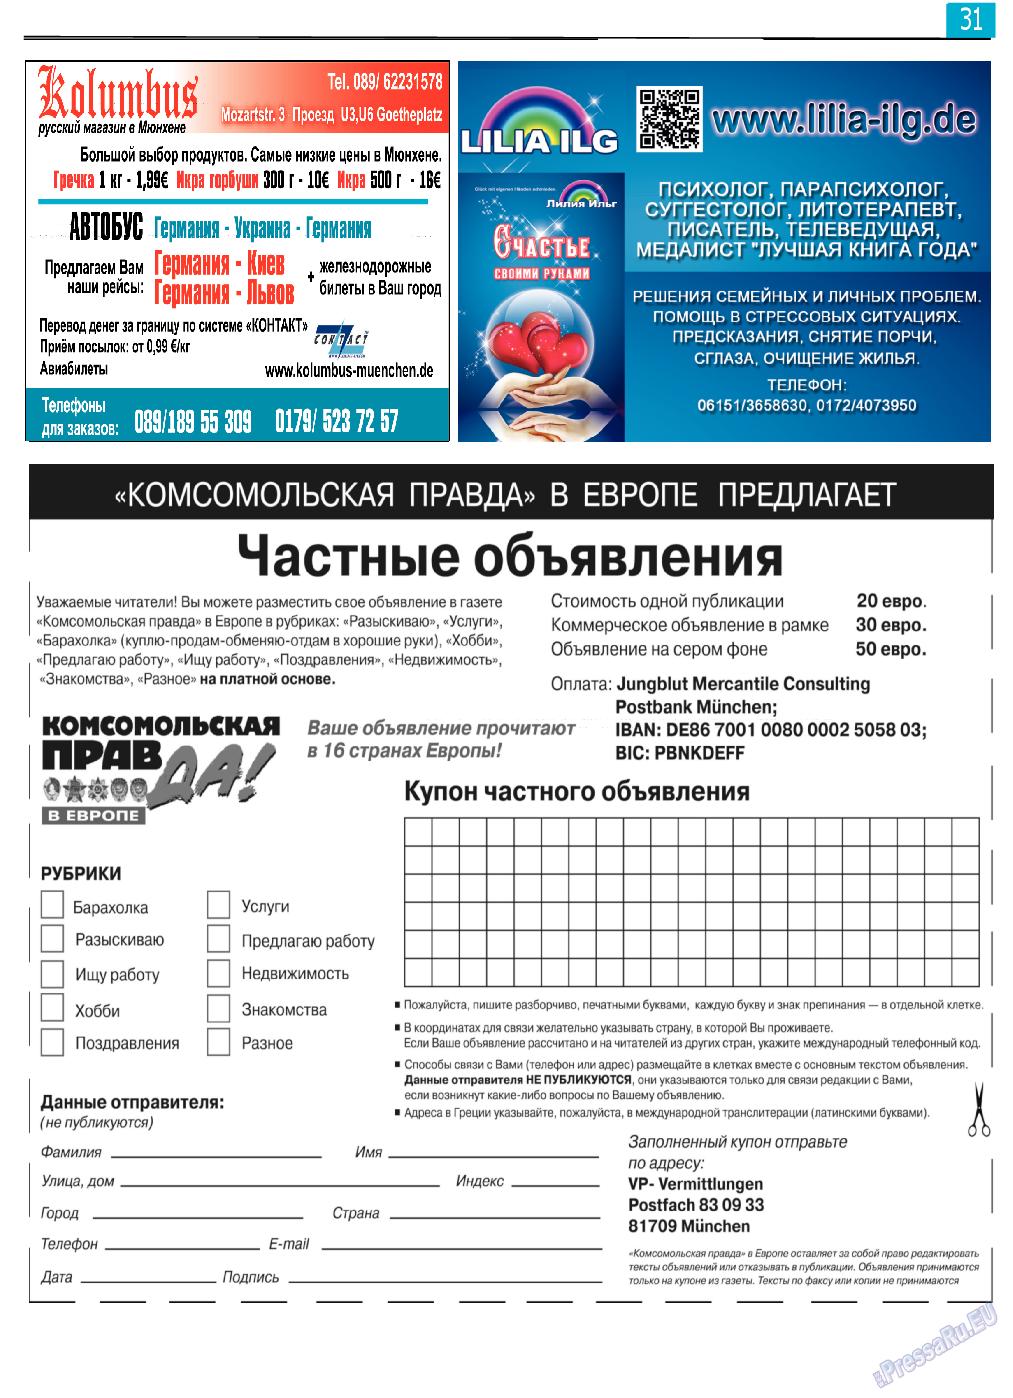 КП в Европе (газета). 2019 год, номер 31, стр. 31